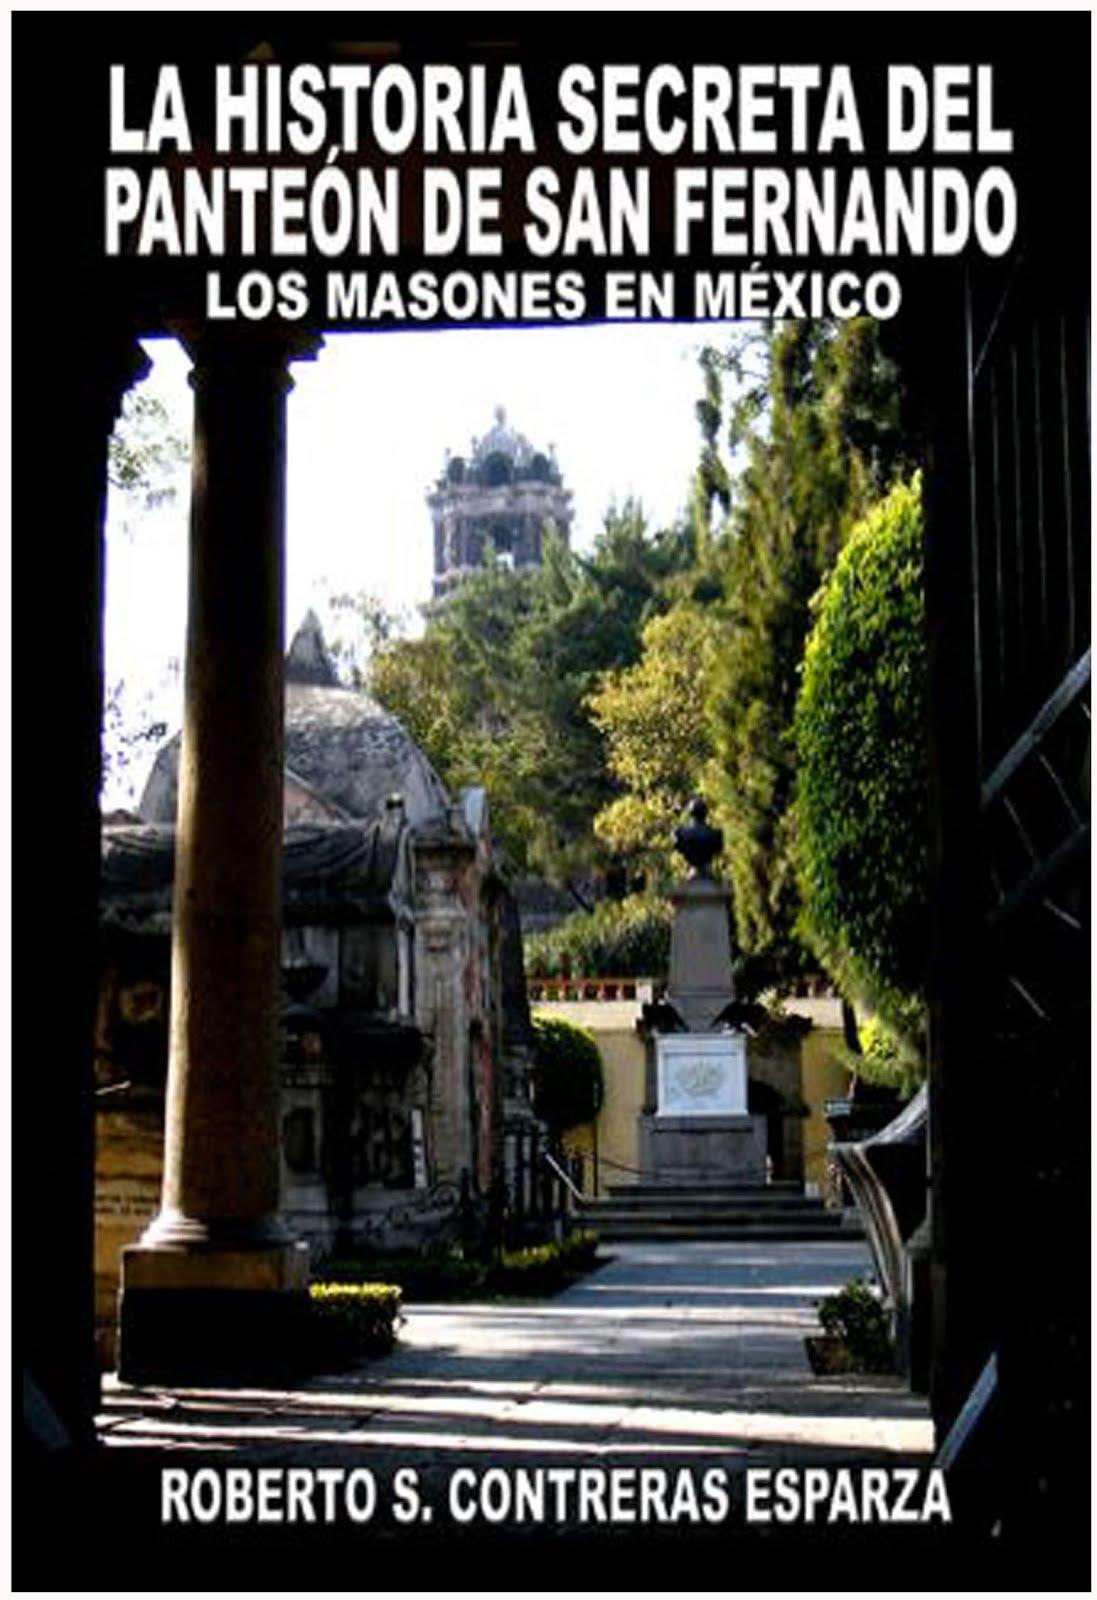 LOS MASONES EN MÉXICO